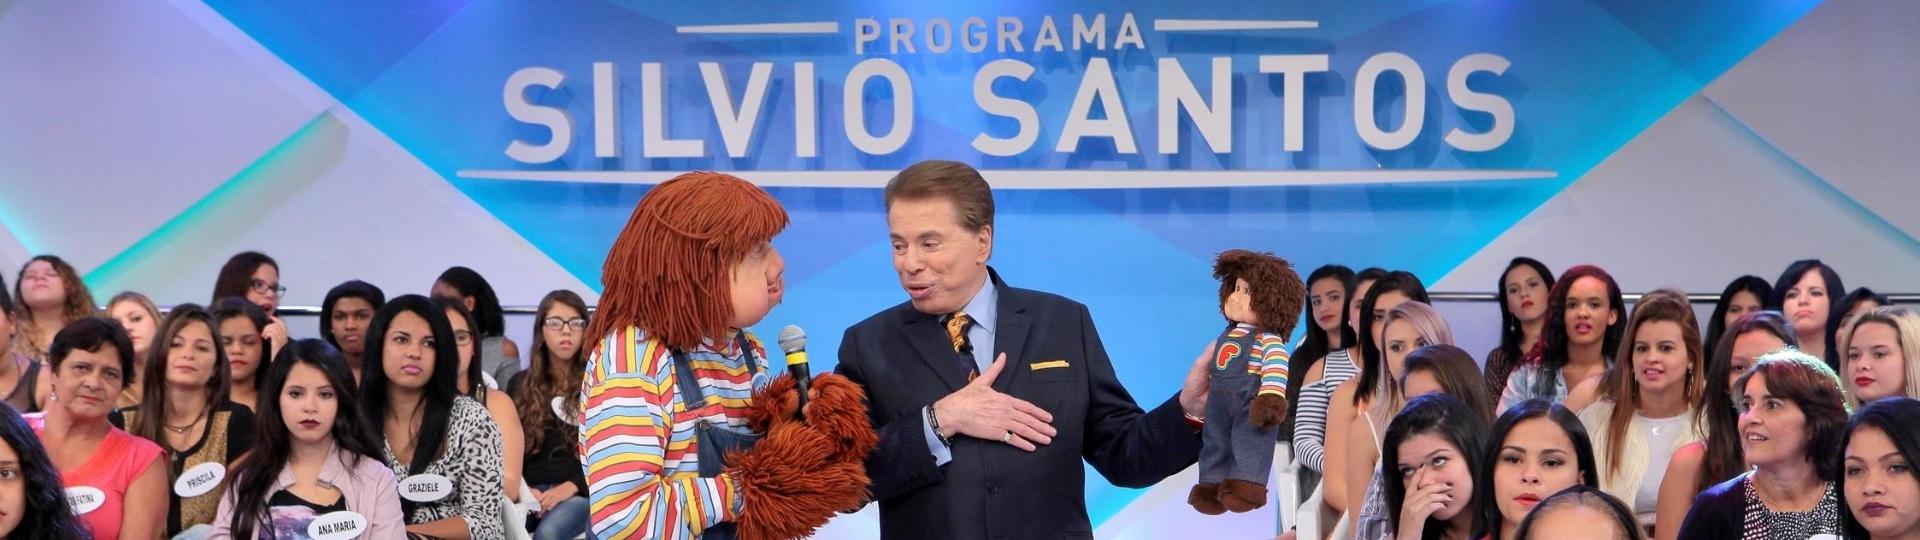 Silvio Santos recebe Fofão em seu programa no SBT, que irá ao ar no próximo domingo (5)